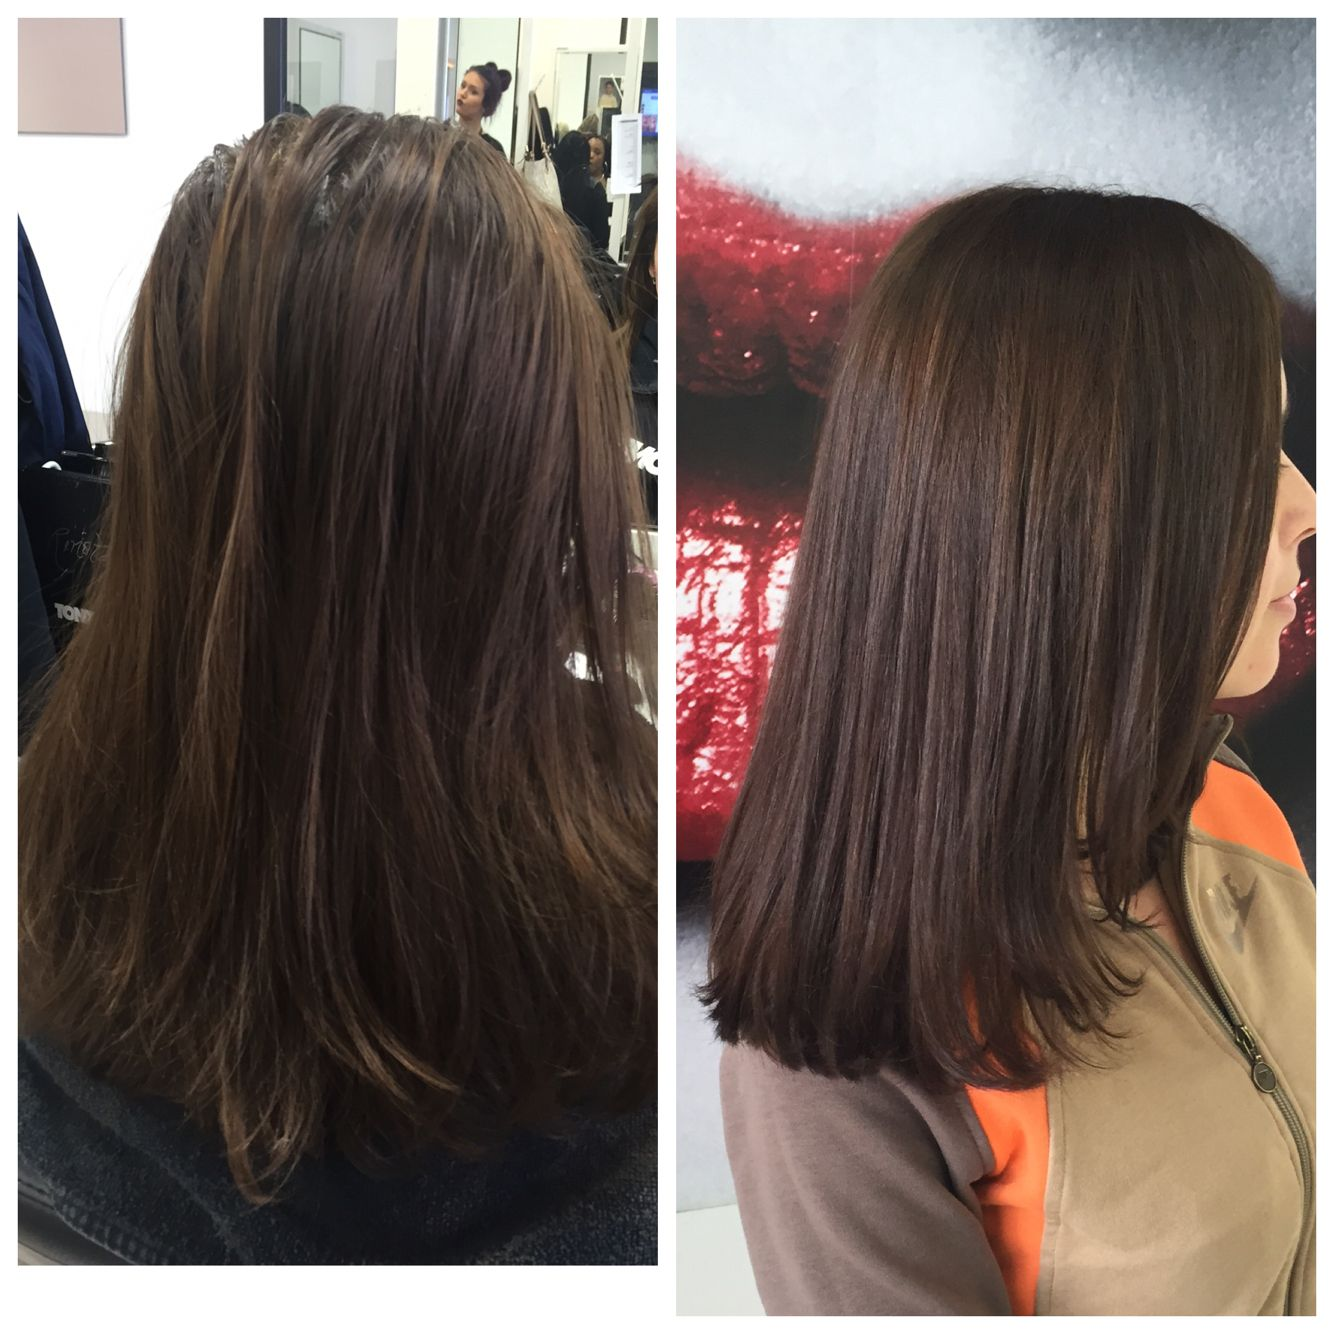 Schwarzkopf Color 7 4 Hair Color Hair Styles Long Hair Styles